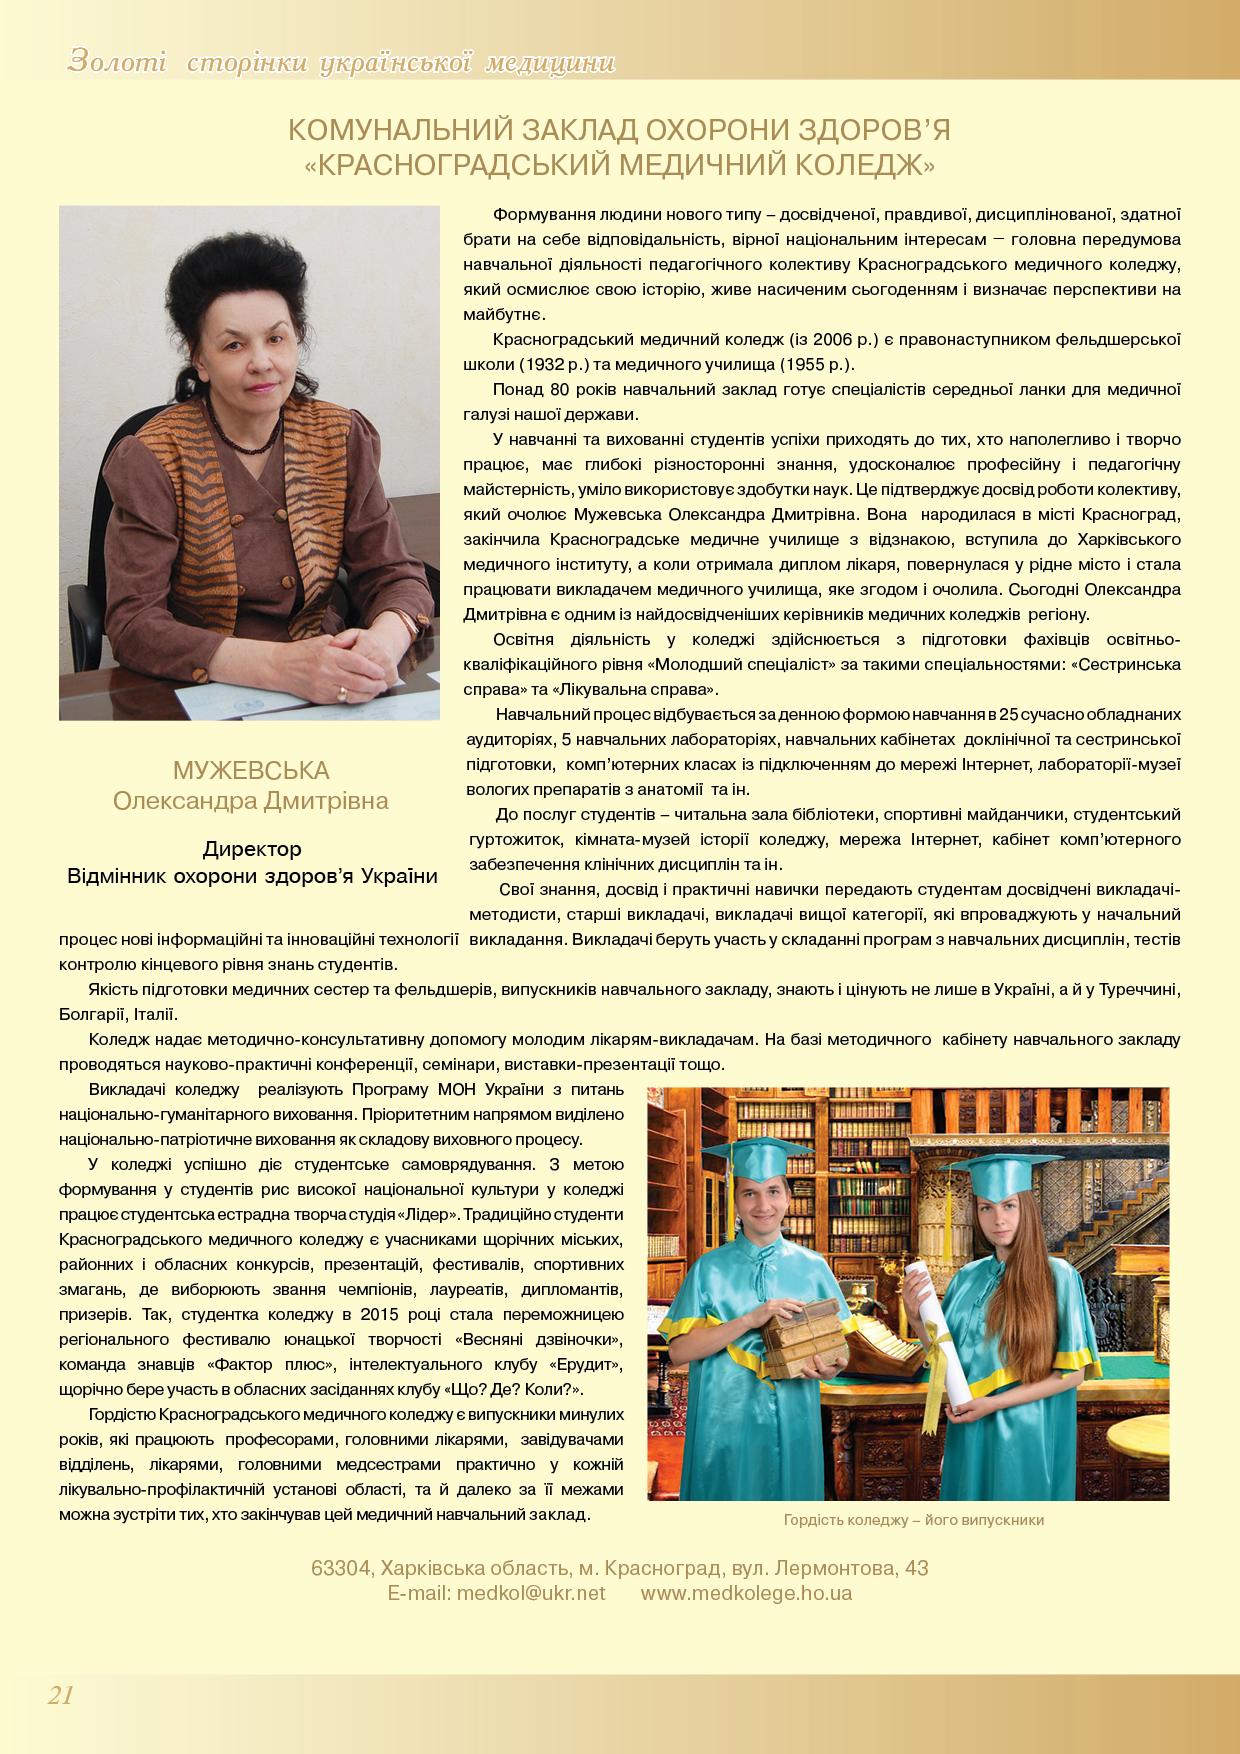 Комунальний заклад охорони здоров'я «Красноградський медичний коледж»